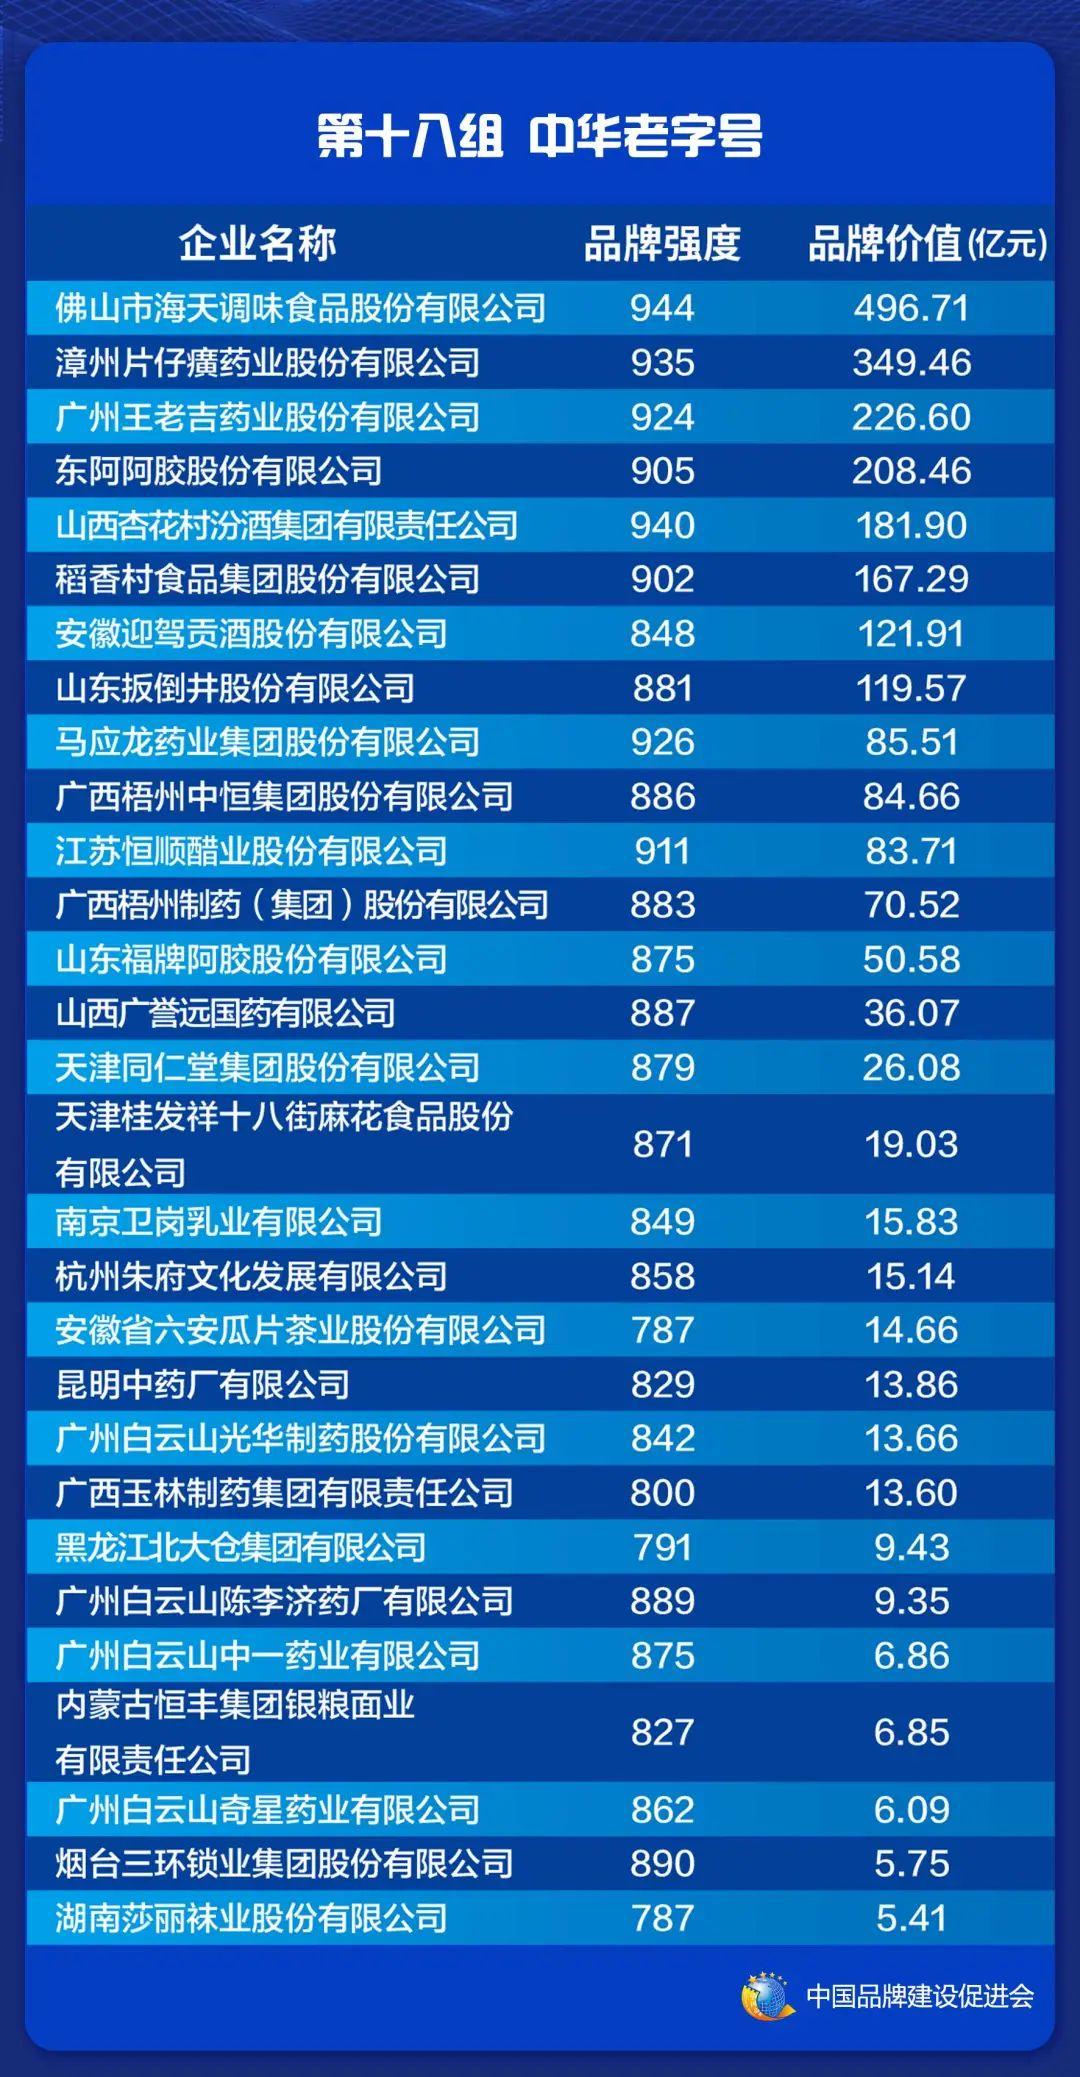 2021中国品牌价值评价信息在上海发布(图20)